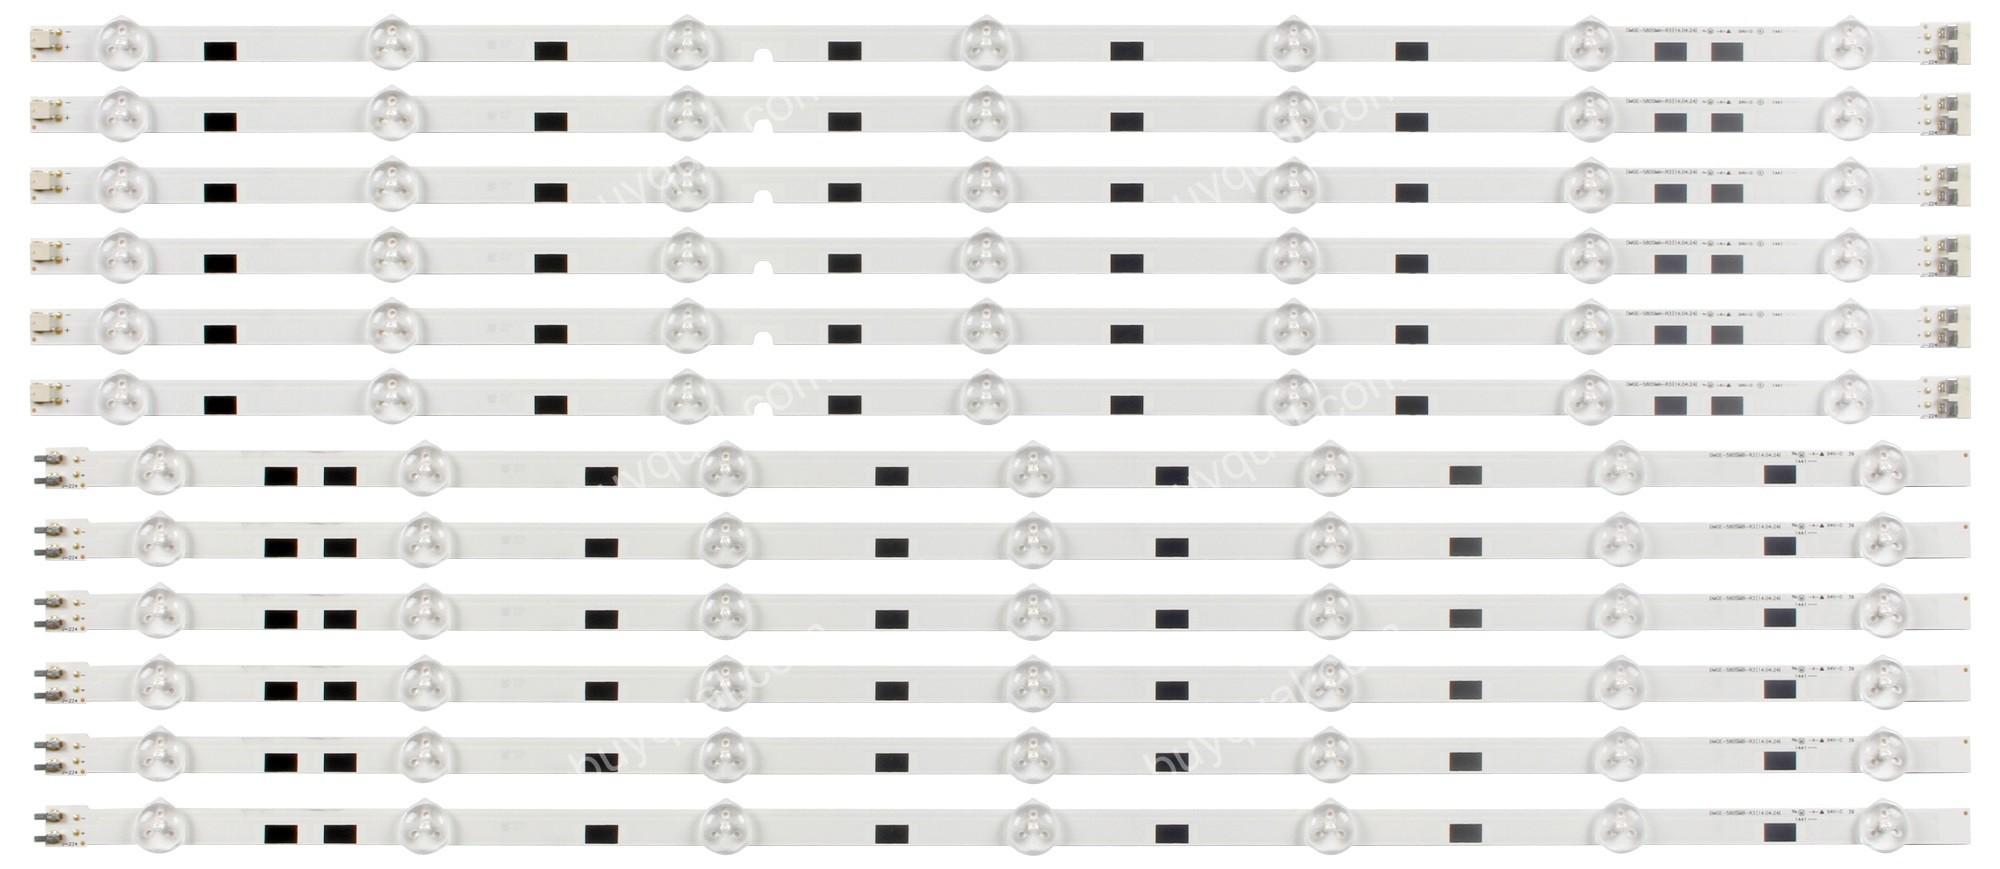 Samsung BN96-32771A / BN96-32772A DMGE-580SMA-R3 DMGE-580SMB-R3 / LM41-00091G LM41-00091F (2014SVS58_MEGA_3228_R_7LED, 2014SVS58_MEGA_3228_L_7LED) LED Strips - 12 Strips